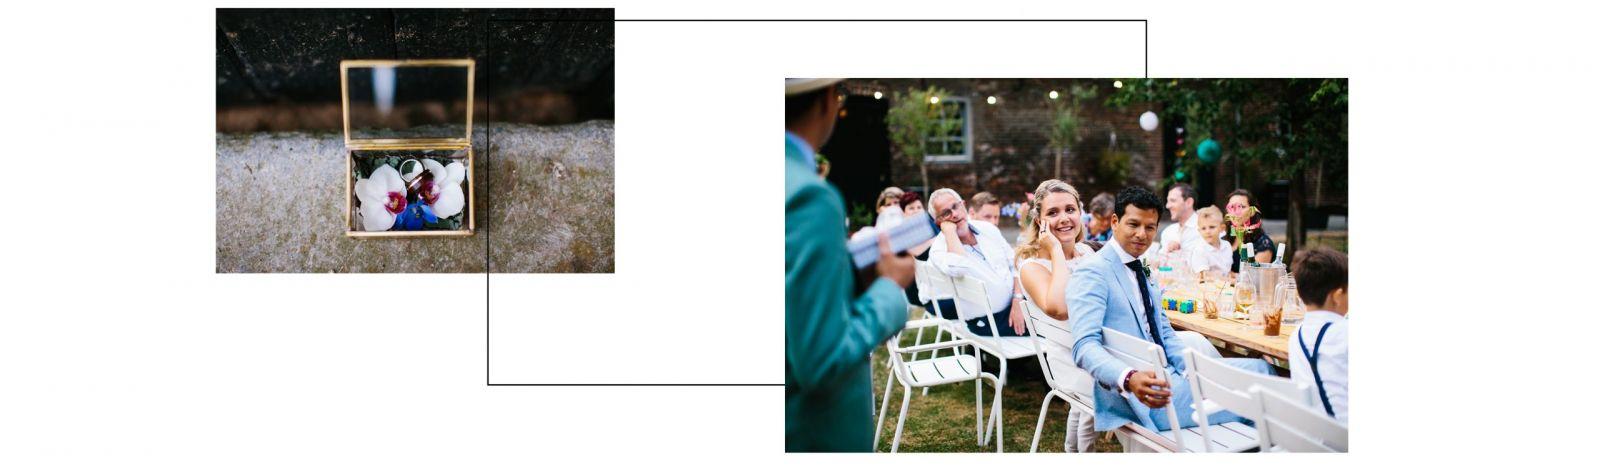 Bruidsfotograaf in Drenthe